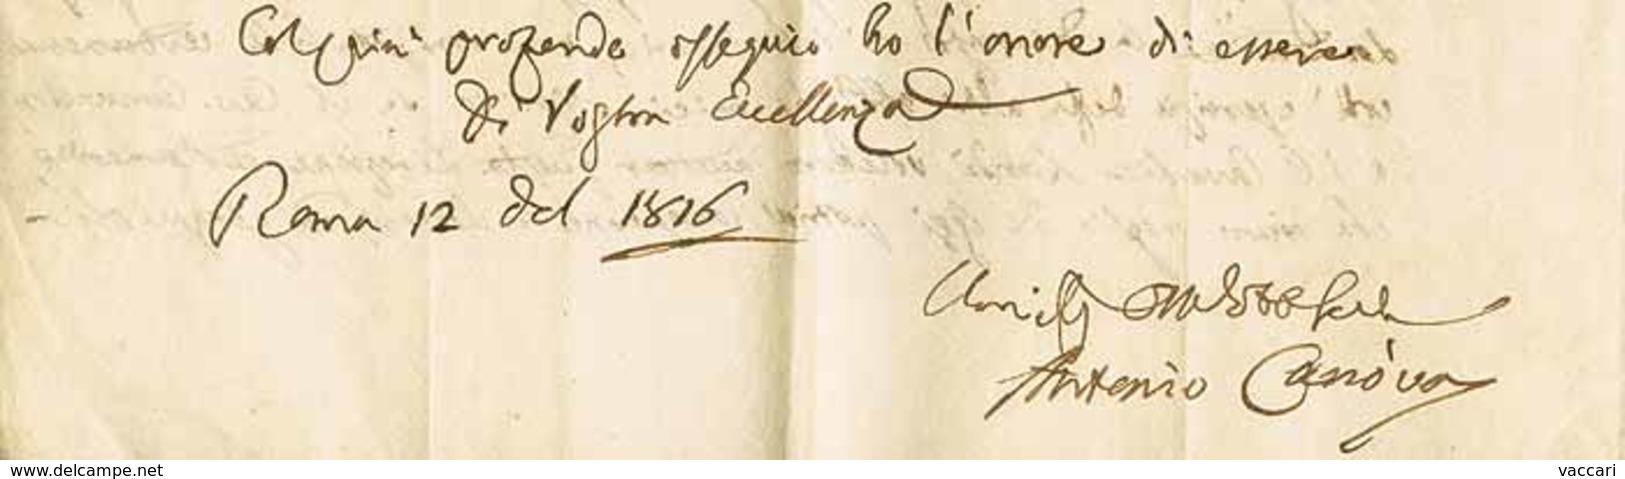 B AUTOGRAFI - Antonio Canova (1757-1822) - Interno Di Lettera Scritta A Roma Il 12.1.1816 A Firma Di Antonio Canova (scu - Stamps